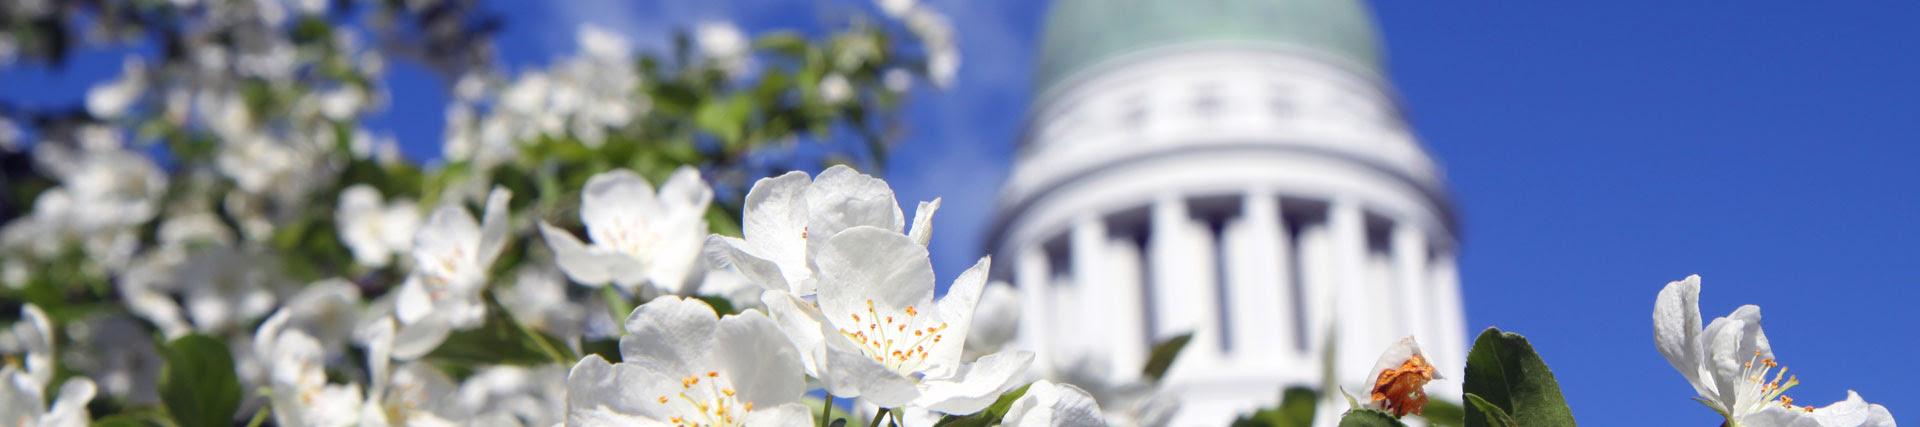 http://legislature.maine.gov/house/house/Content/public/images/slider/flexslider/1052.jpg